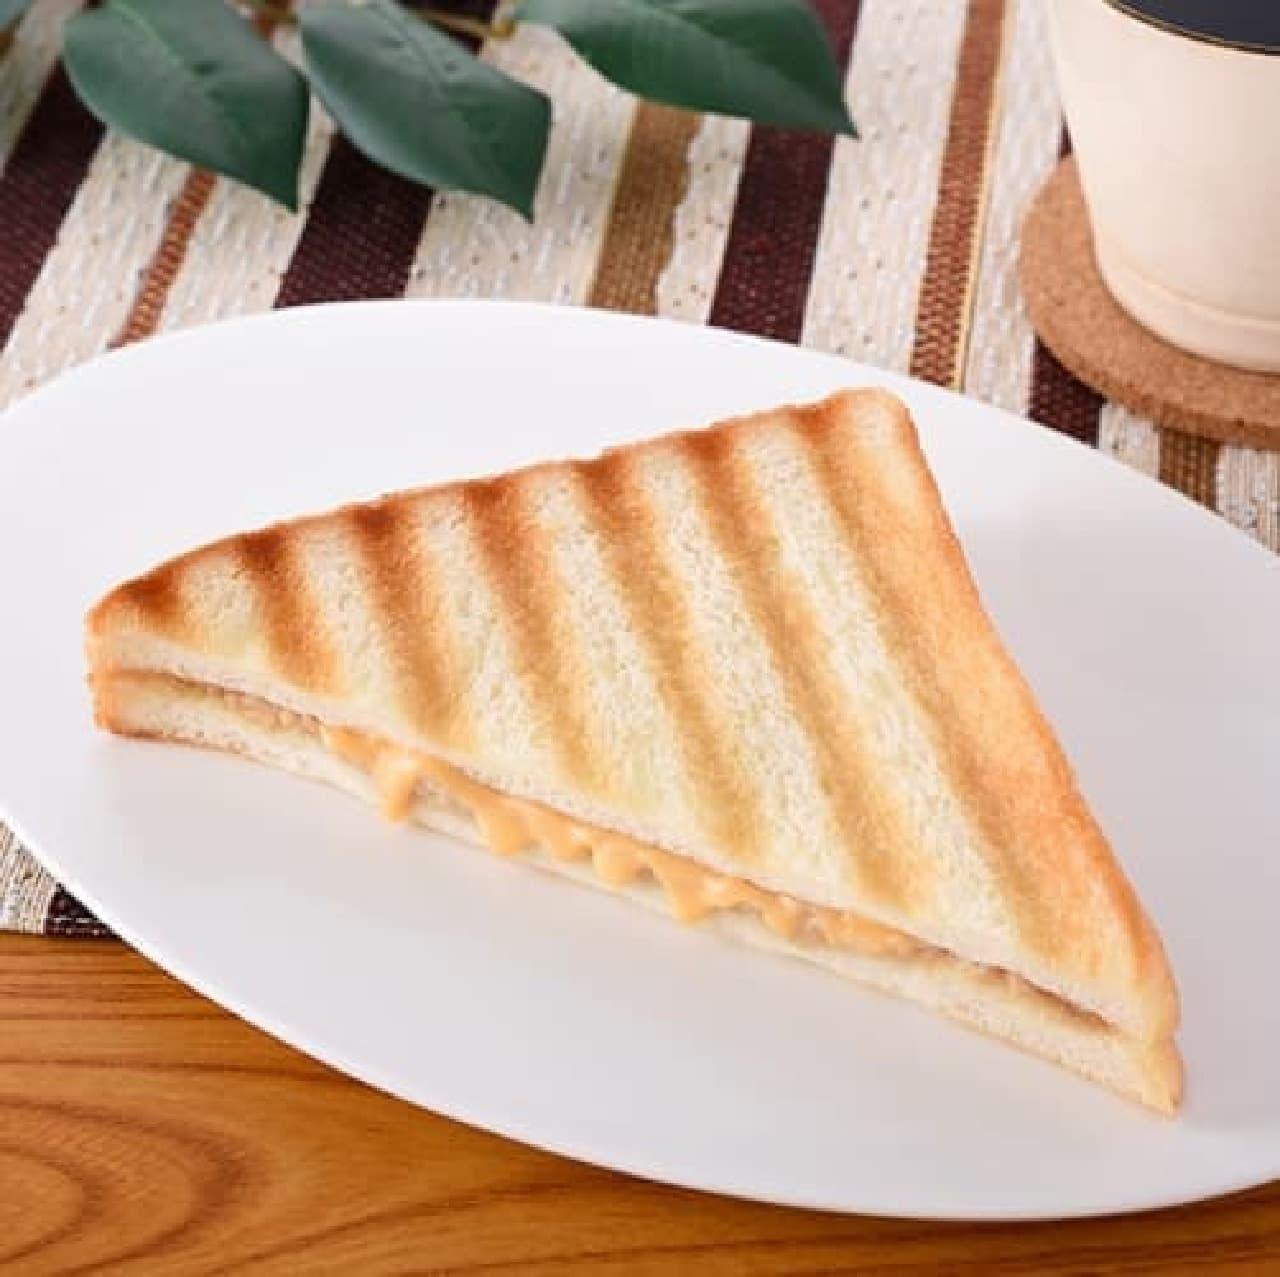 ファミリーマート「ホットサンド(ツナ&チェダーチーズ)」